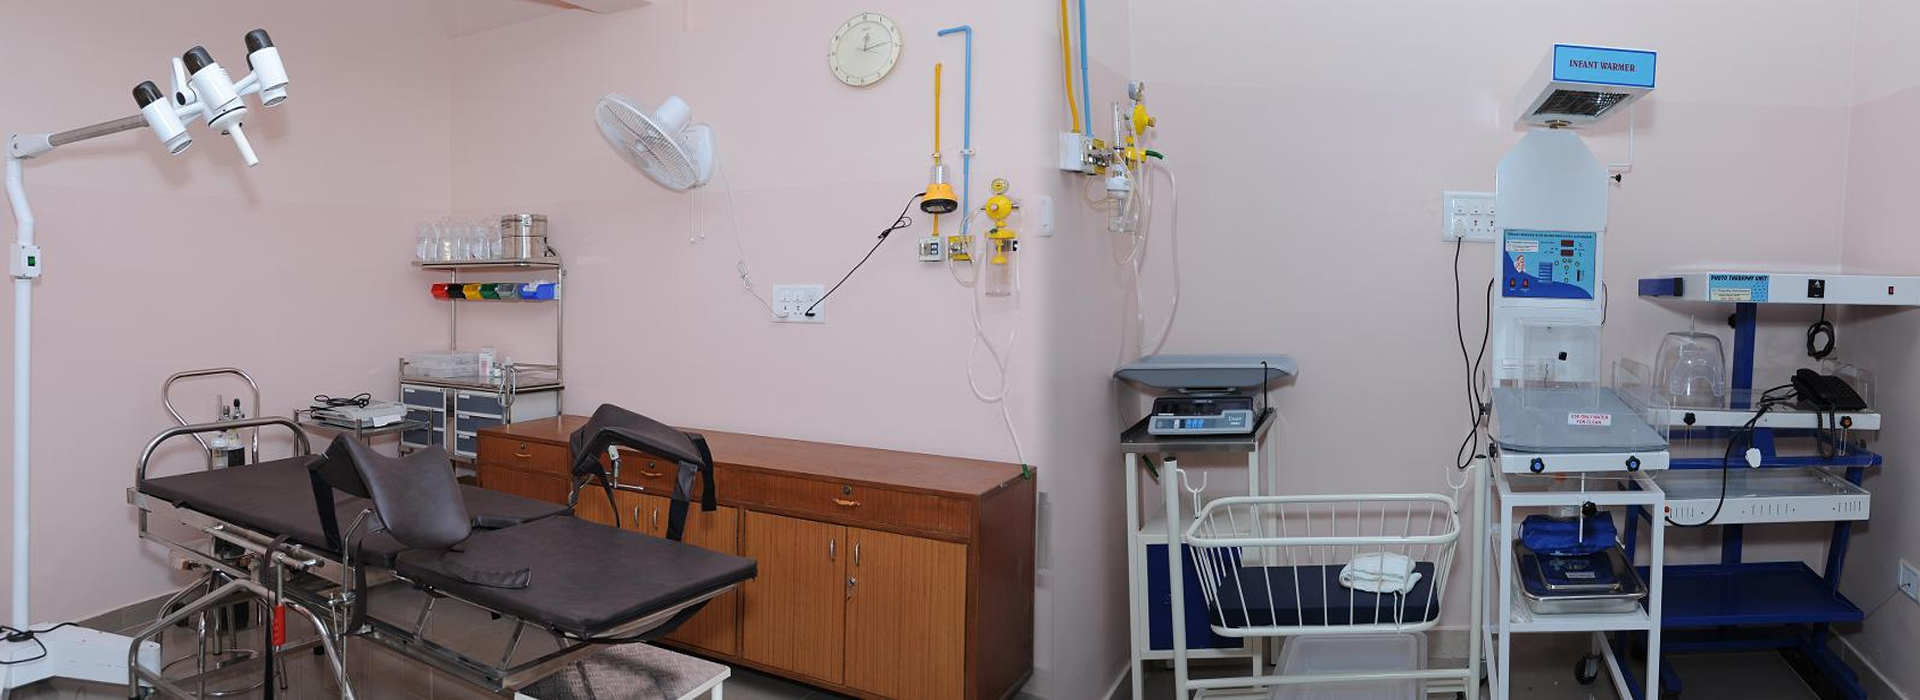 Diavista Diabetes & Multispeciality Hospital